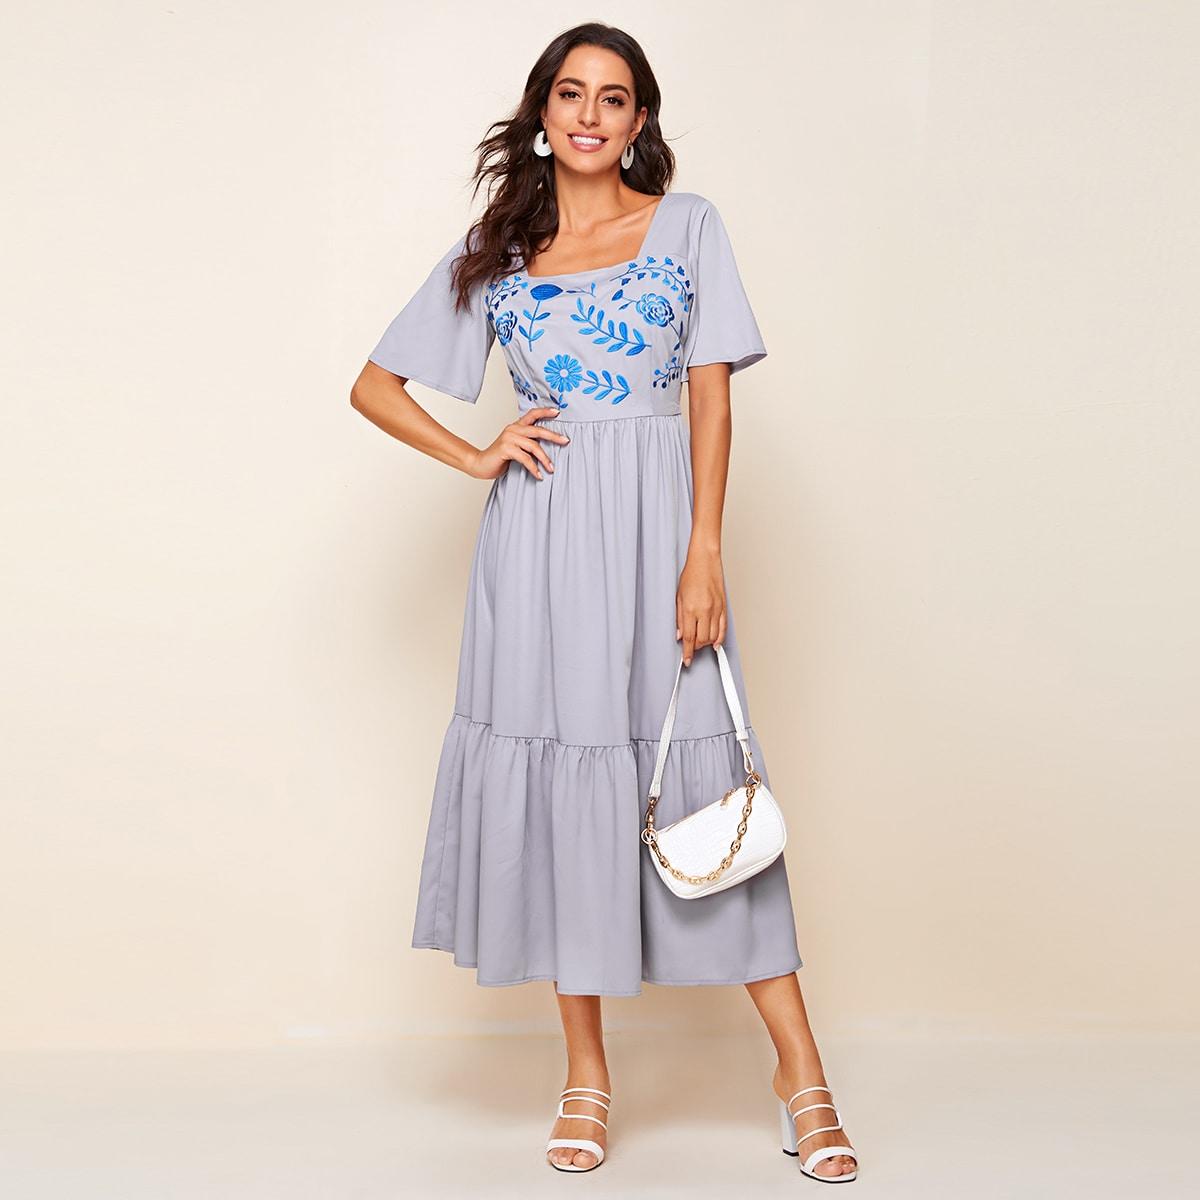 Расклешенное платье с вышивкой фото